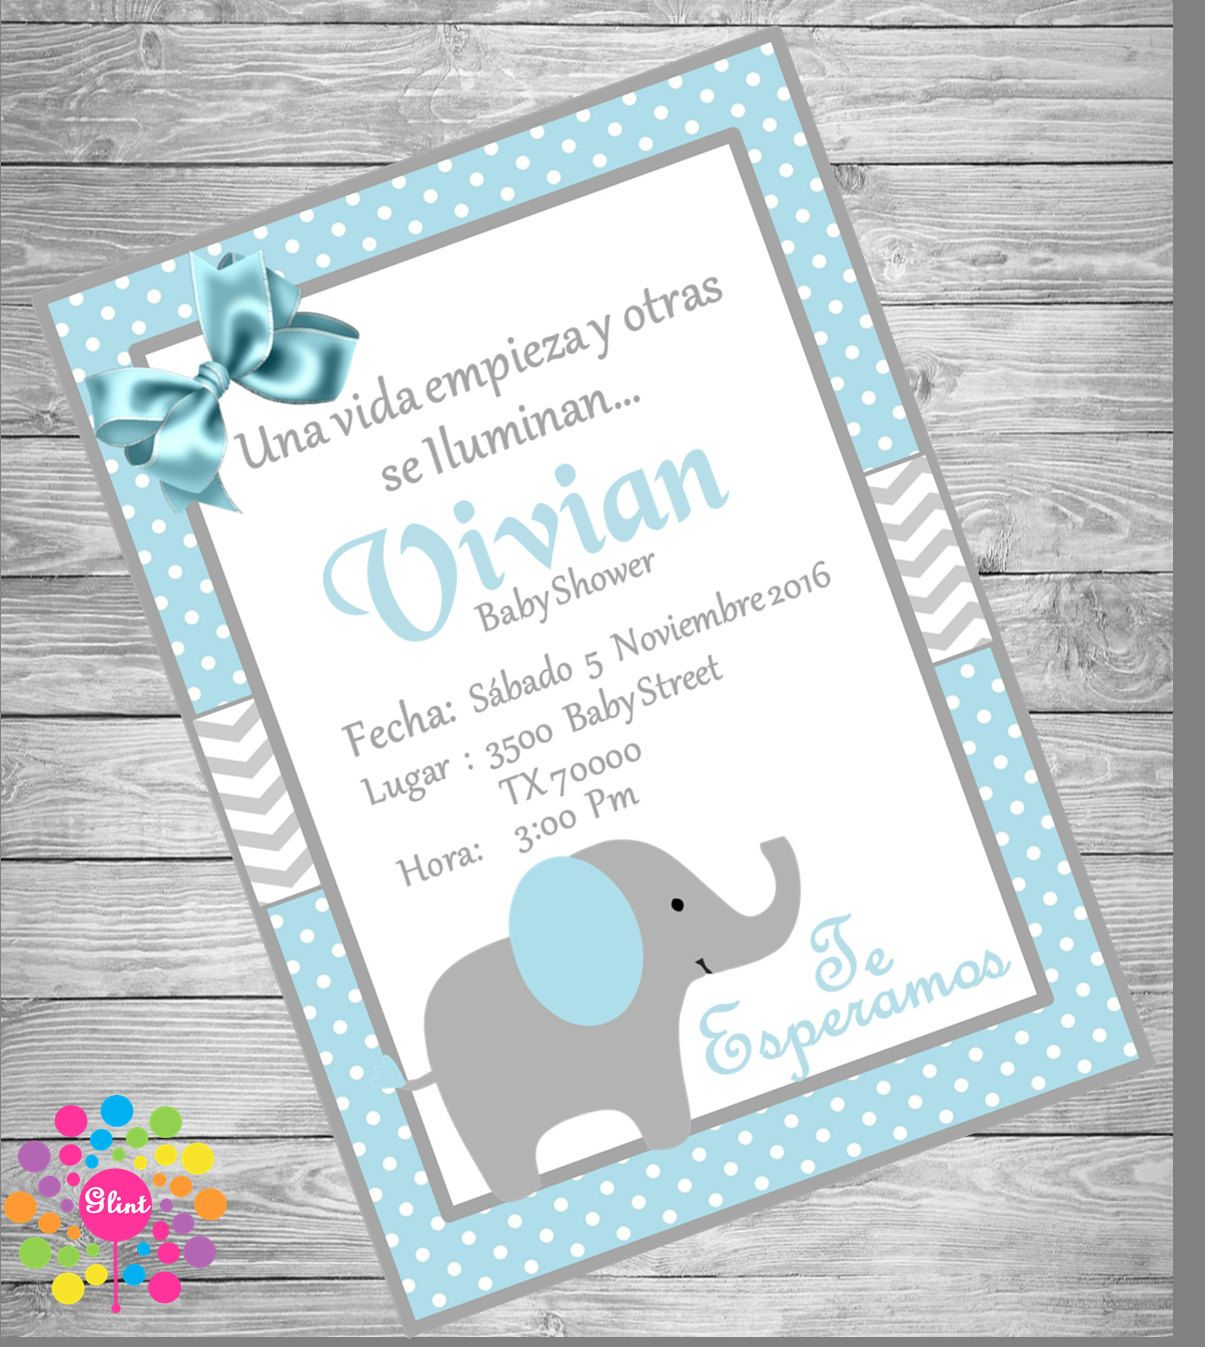 INVITACIÓN Baby Shower ELEFANTE Para Niño!!!! De IdeasGlint En Etsy